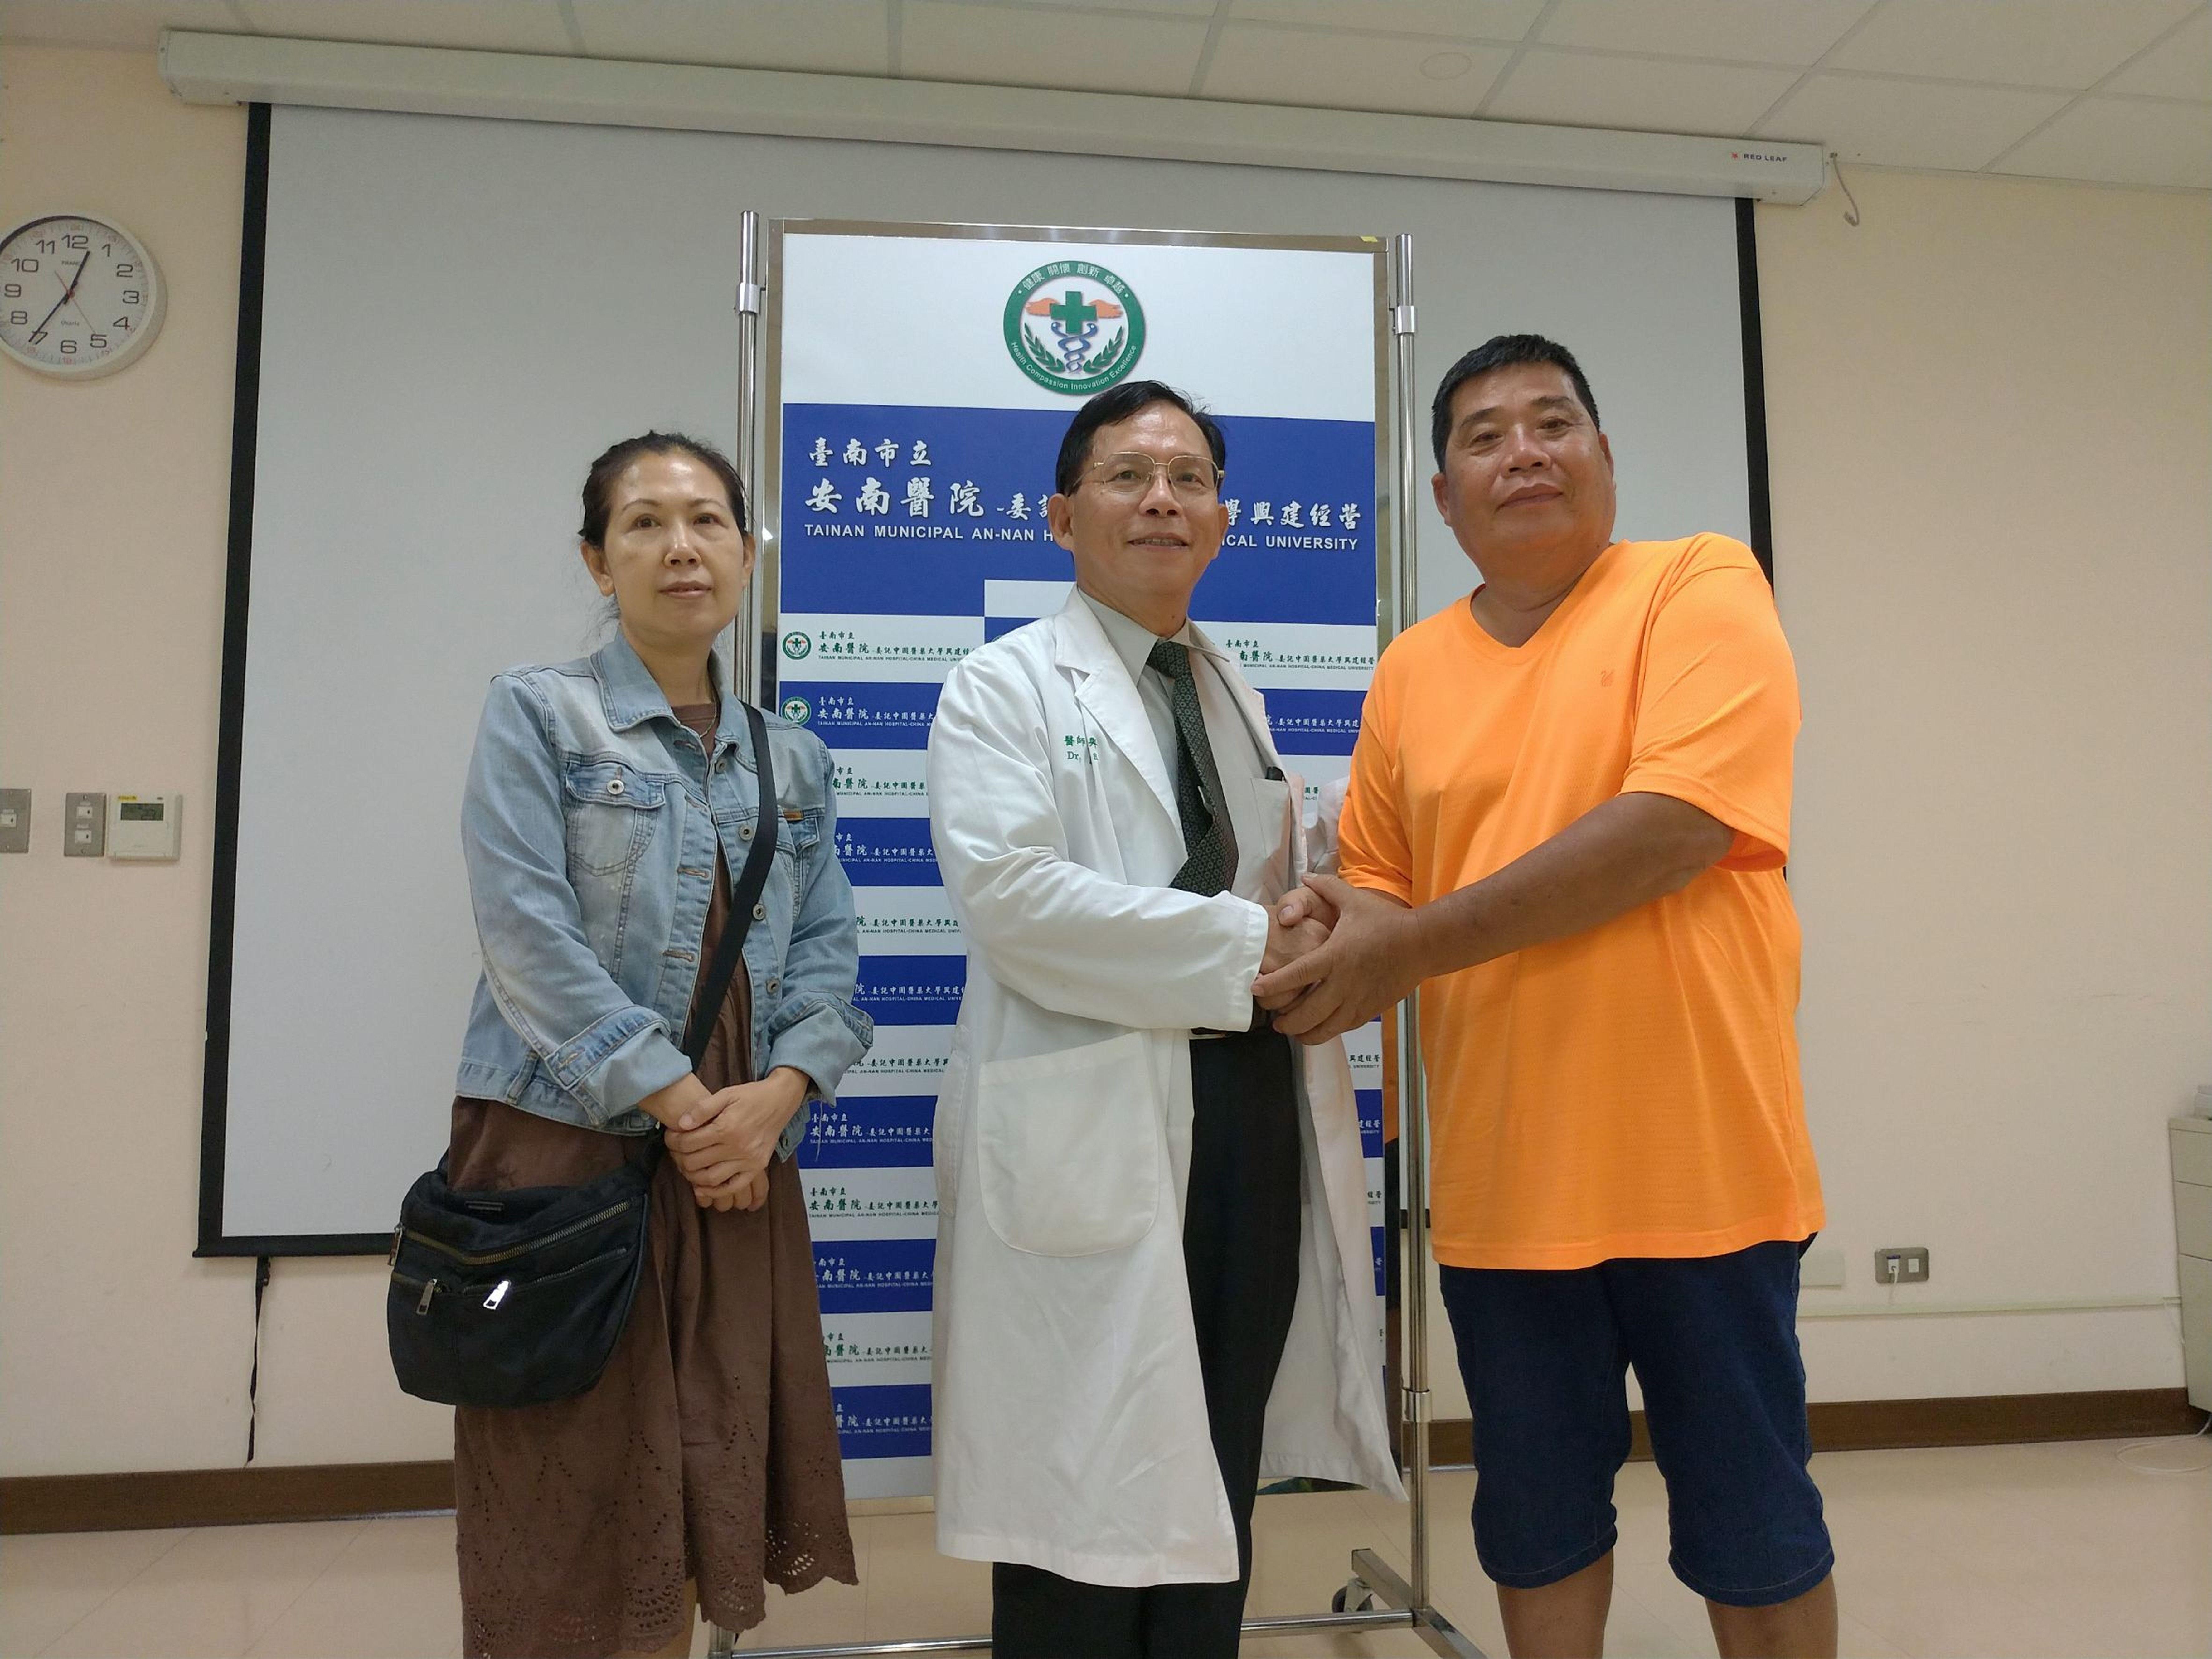 中國醫藥大學全球資訊網 校園新聞 China Medical University, Taiwan